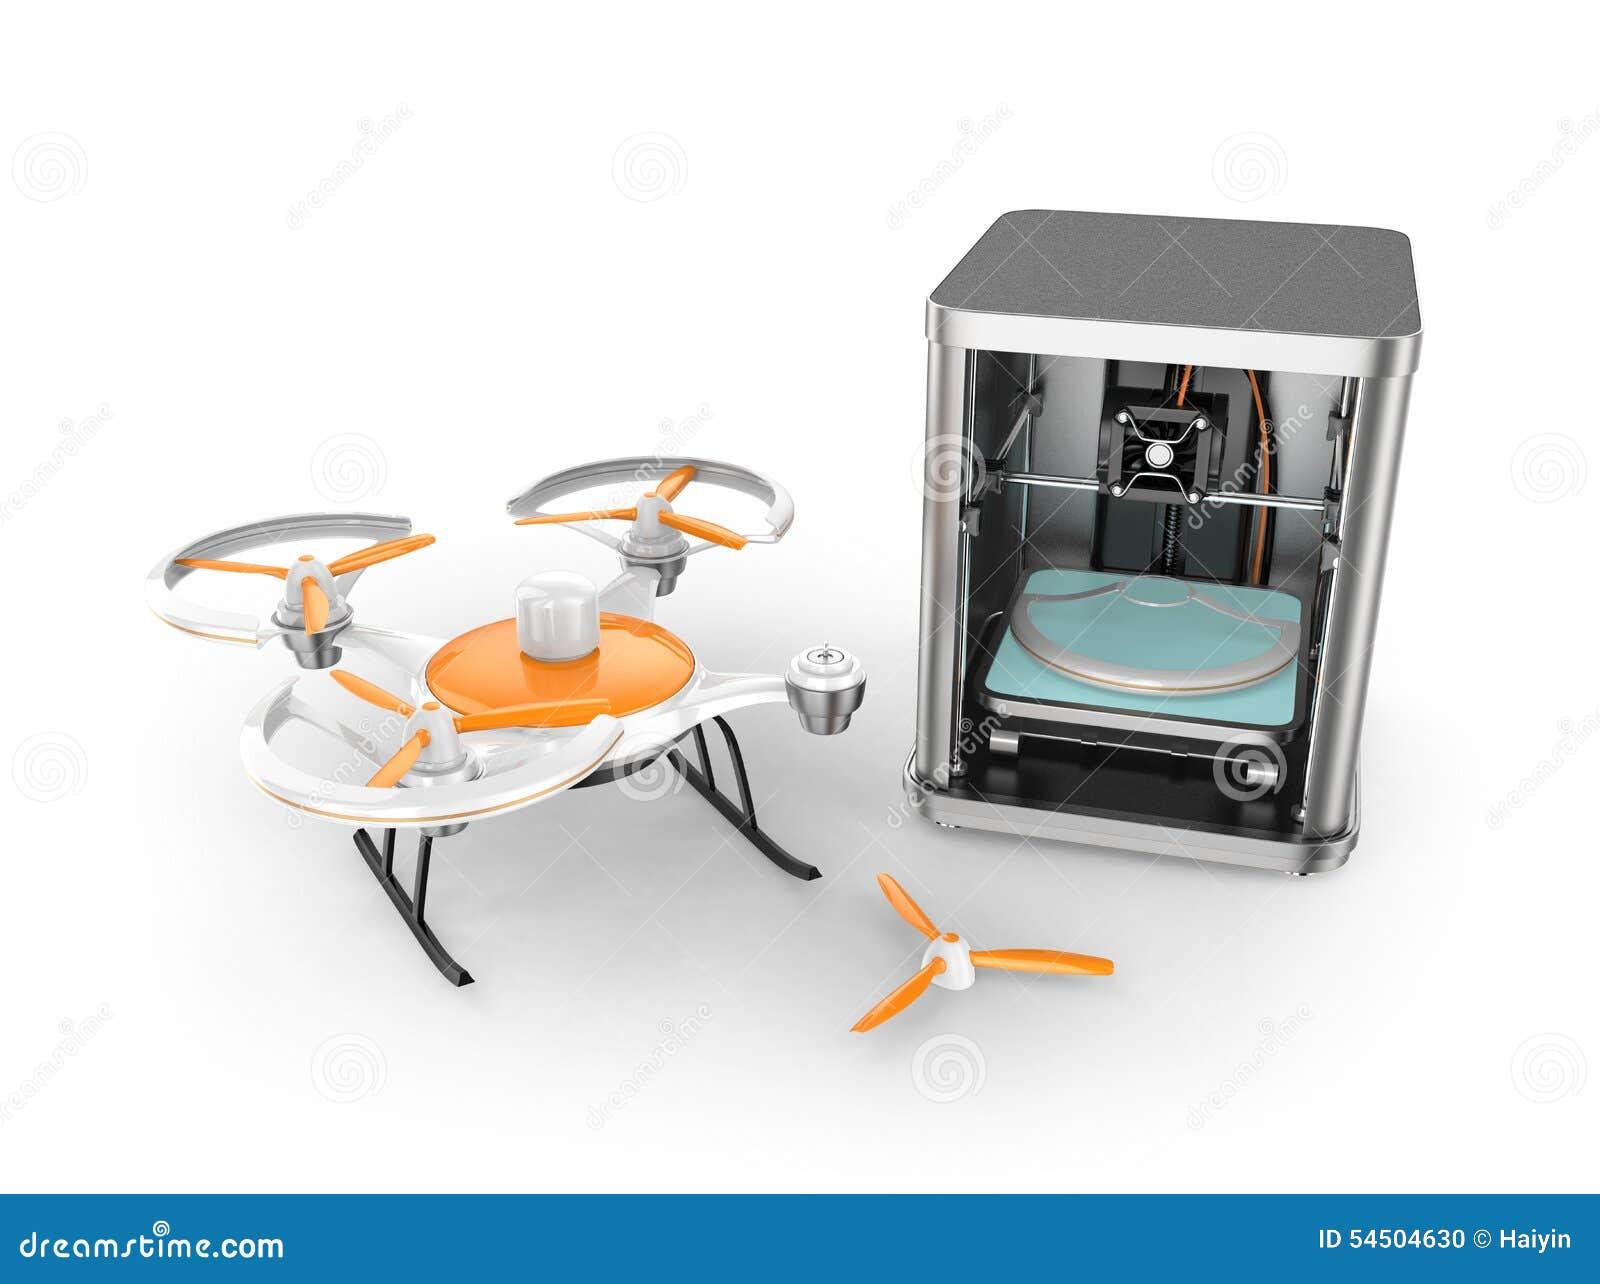 Imprimante 3D imprimant des parties de bourdon